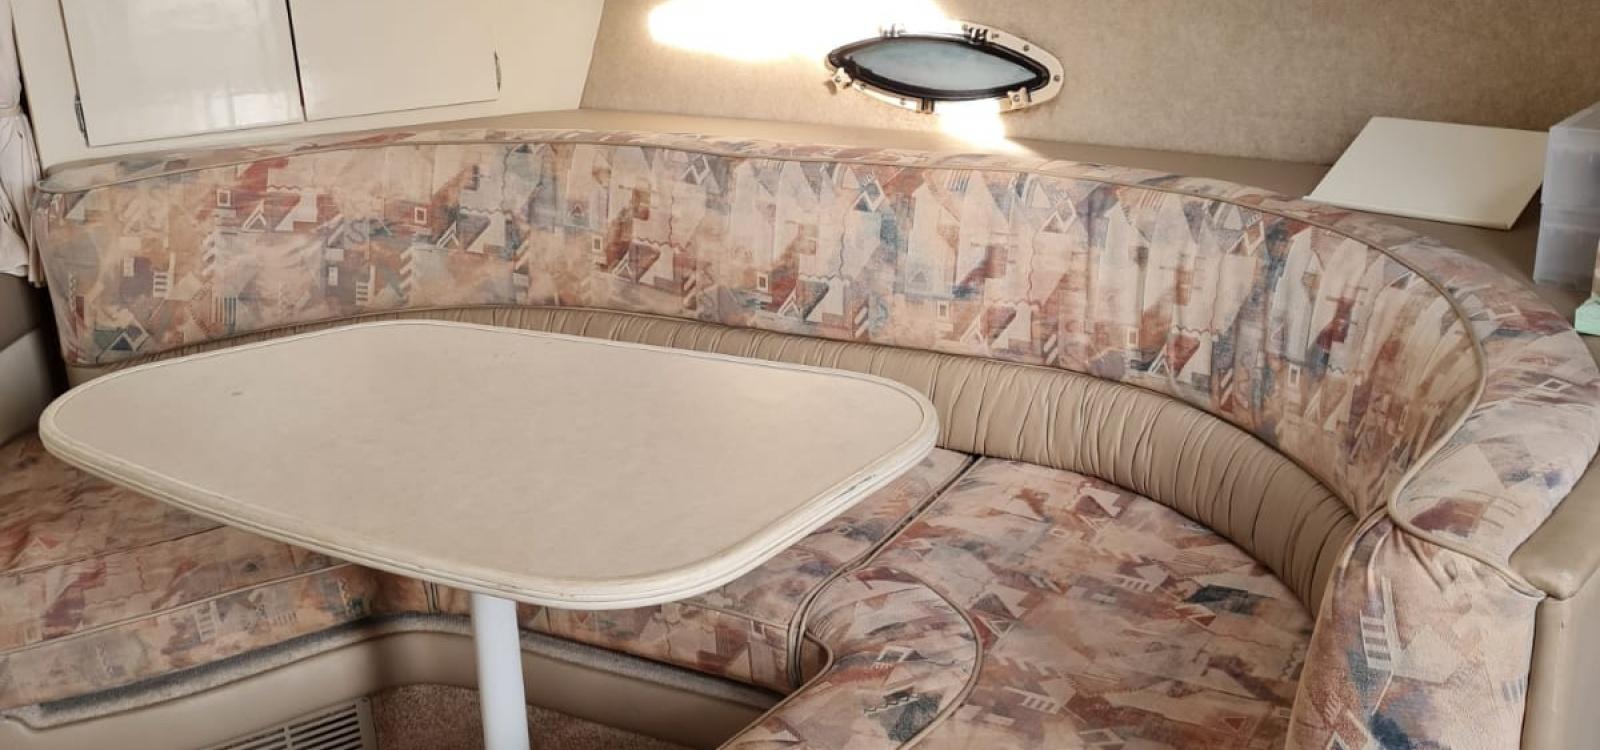 El Masnou,Barcelona,España,1 Dormitorio Habitaciones,1 BañoLavabos,Barco a motor,2161